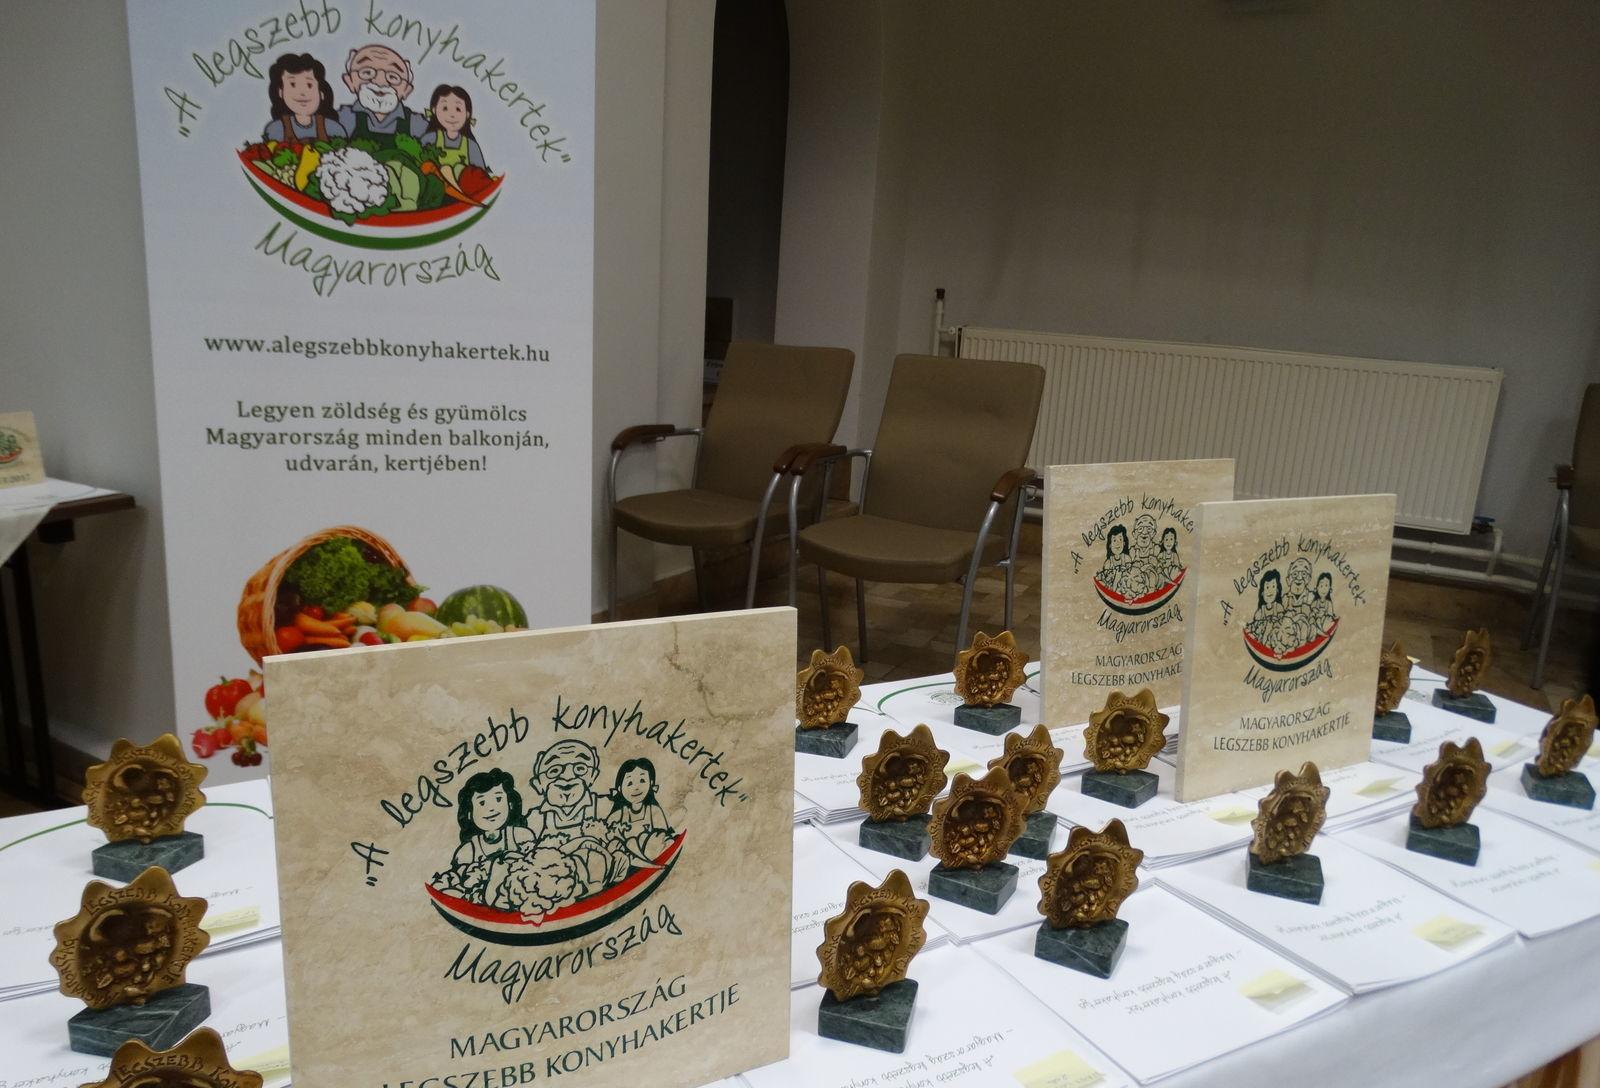 Az idén 37 település 45 kertje érdemelte ki a Magyarország legszebb konyhakertje országos díjat. A többszörös díjazottak emléktáblát kaptak